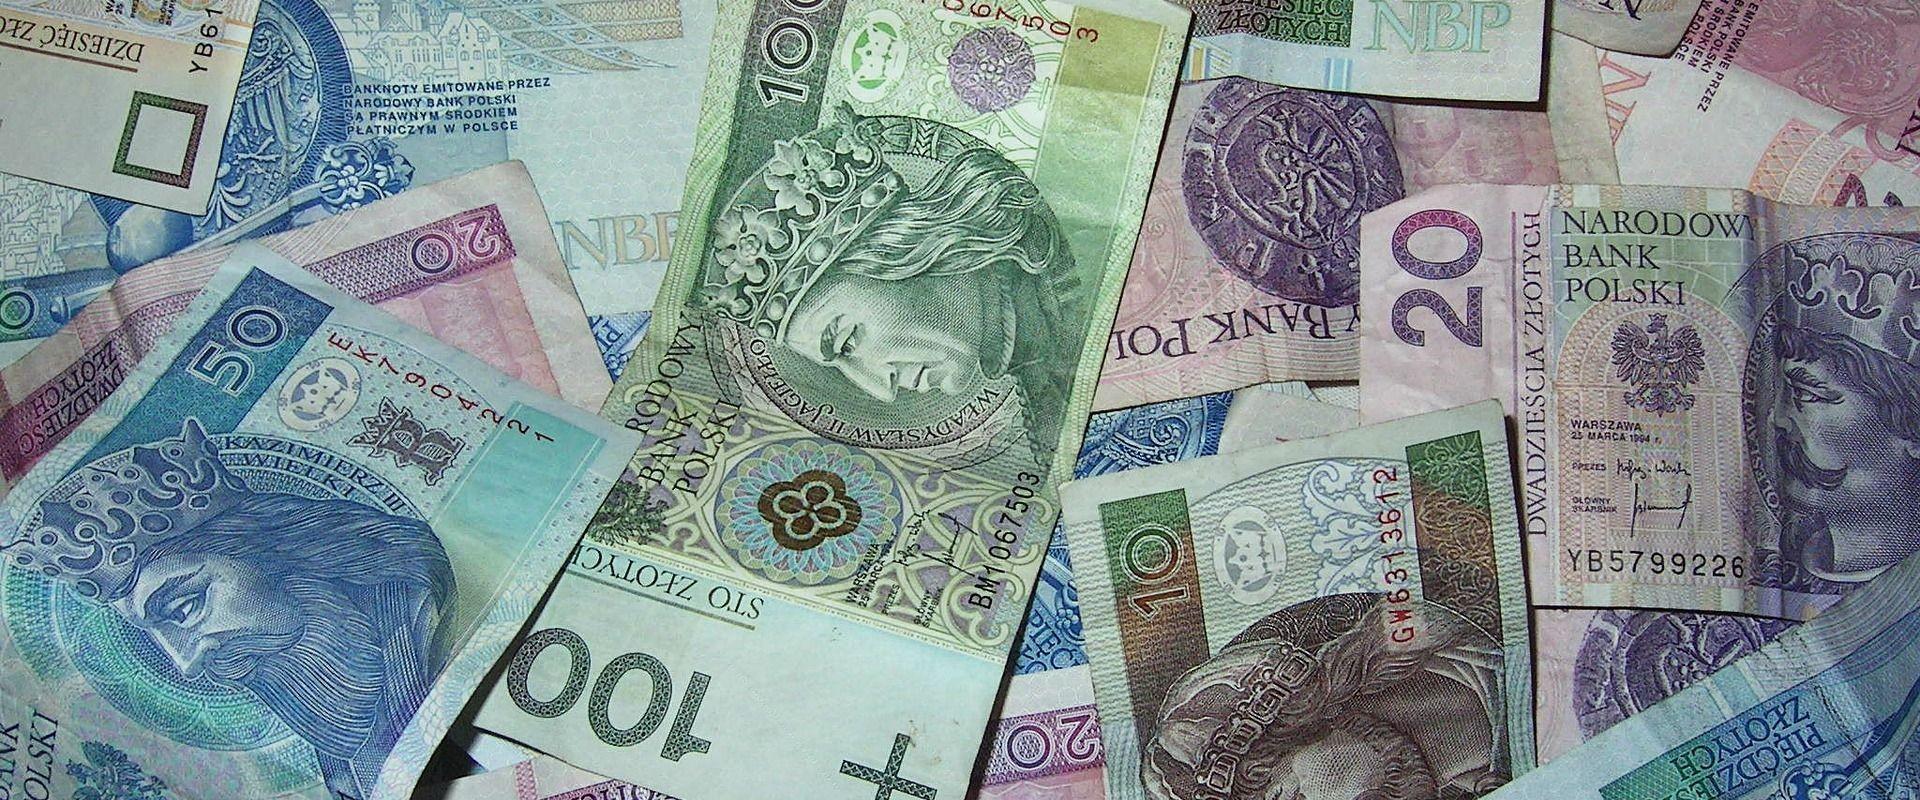 Komisja rewizyjna zbada koszty i wydatki. Miasto pozwane do sądu o niezapłacone faktury